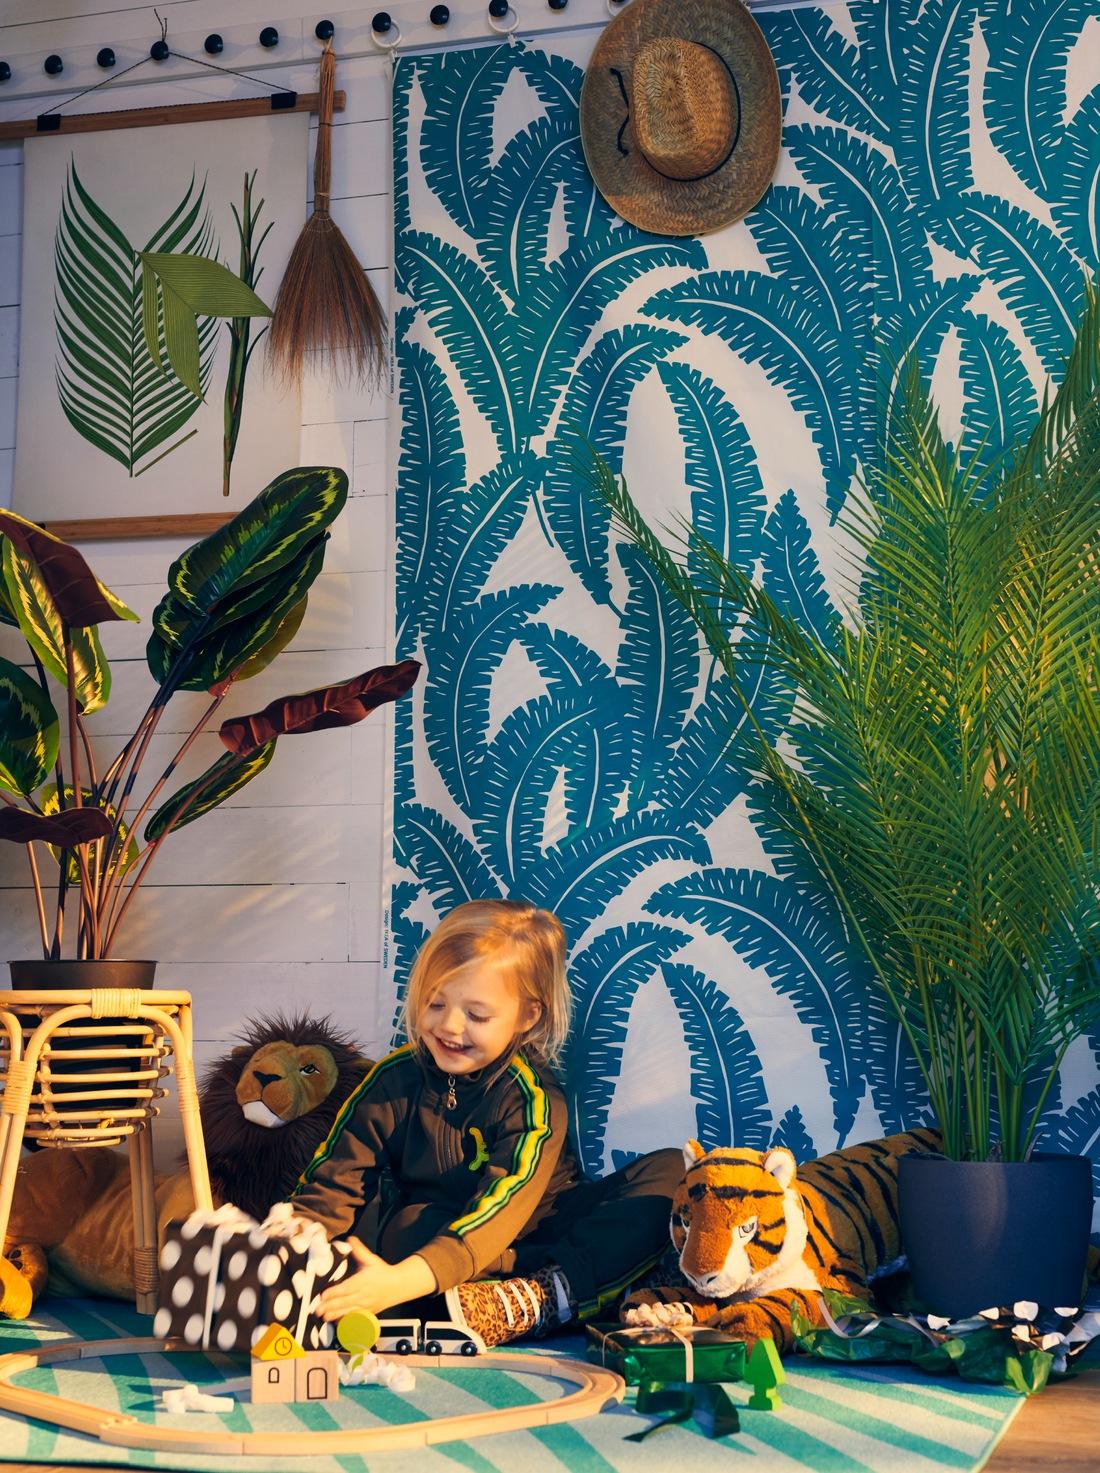 Anak perempuan memegang hadiah yang dibungkus di ruangan tempat tanaman, kain UGGLEMOTT di dinding dan karpet GRACIÖS yang menciptakan suasana hutan.